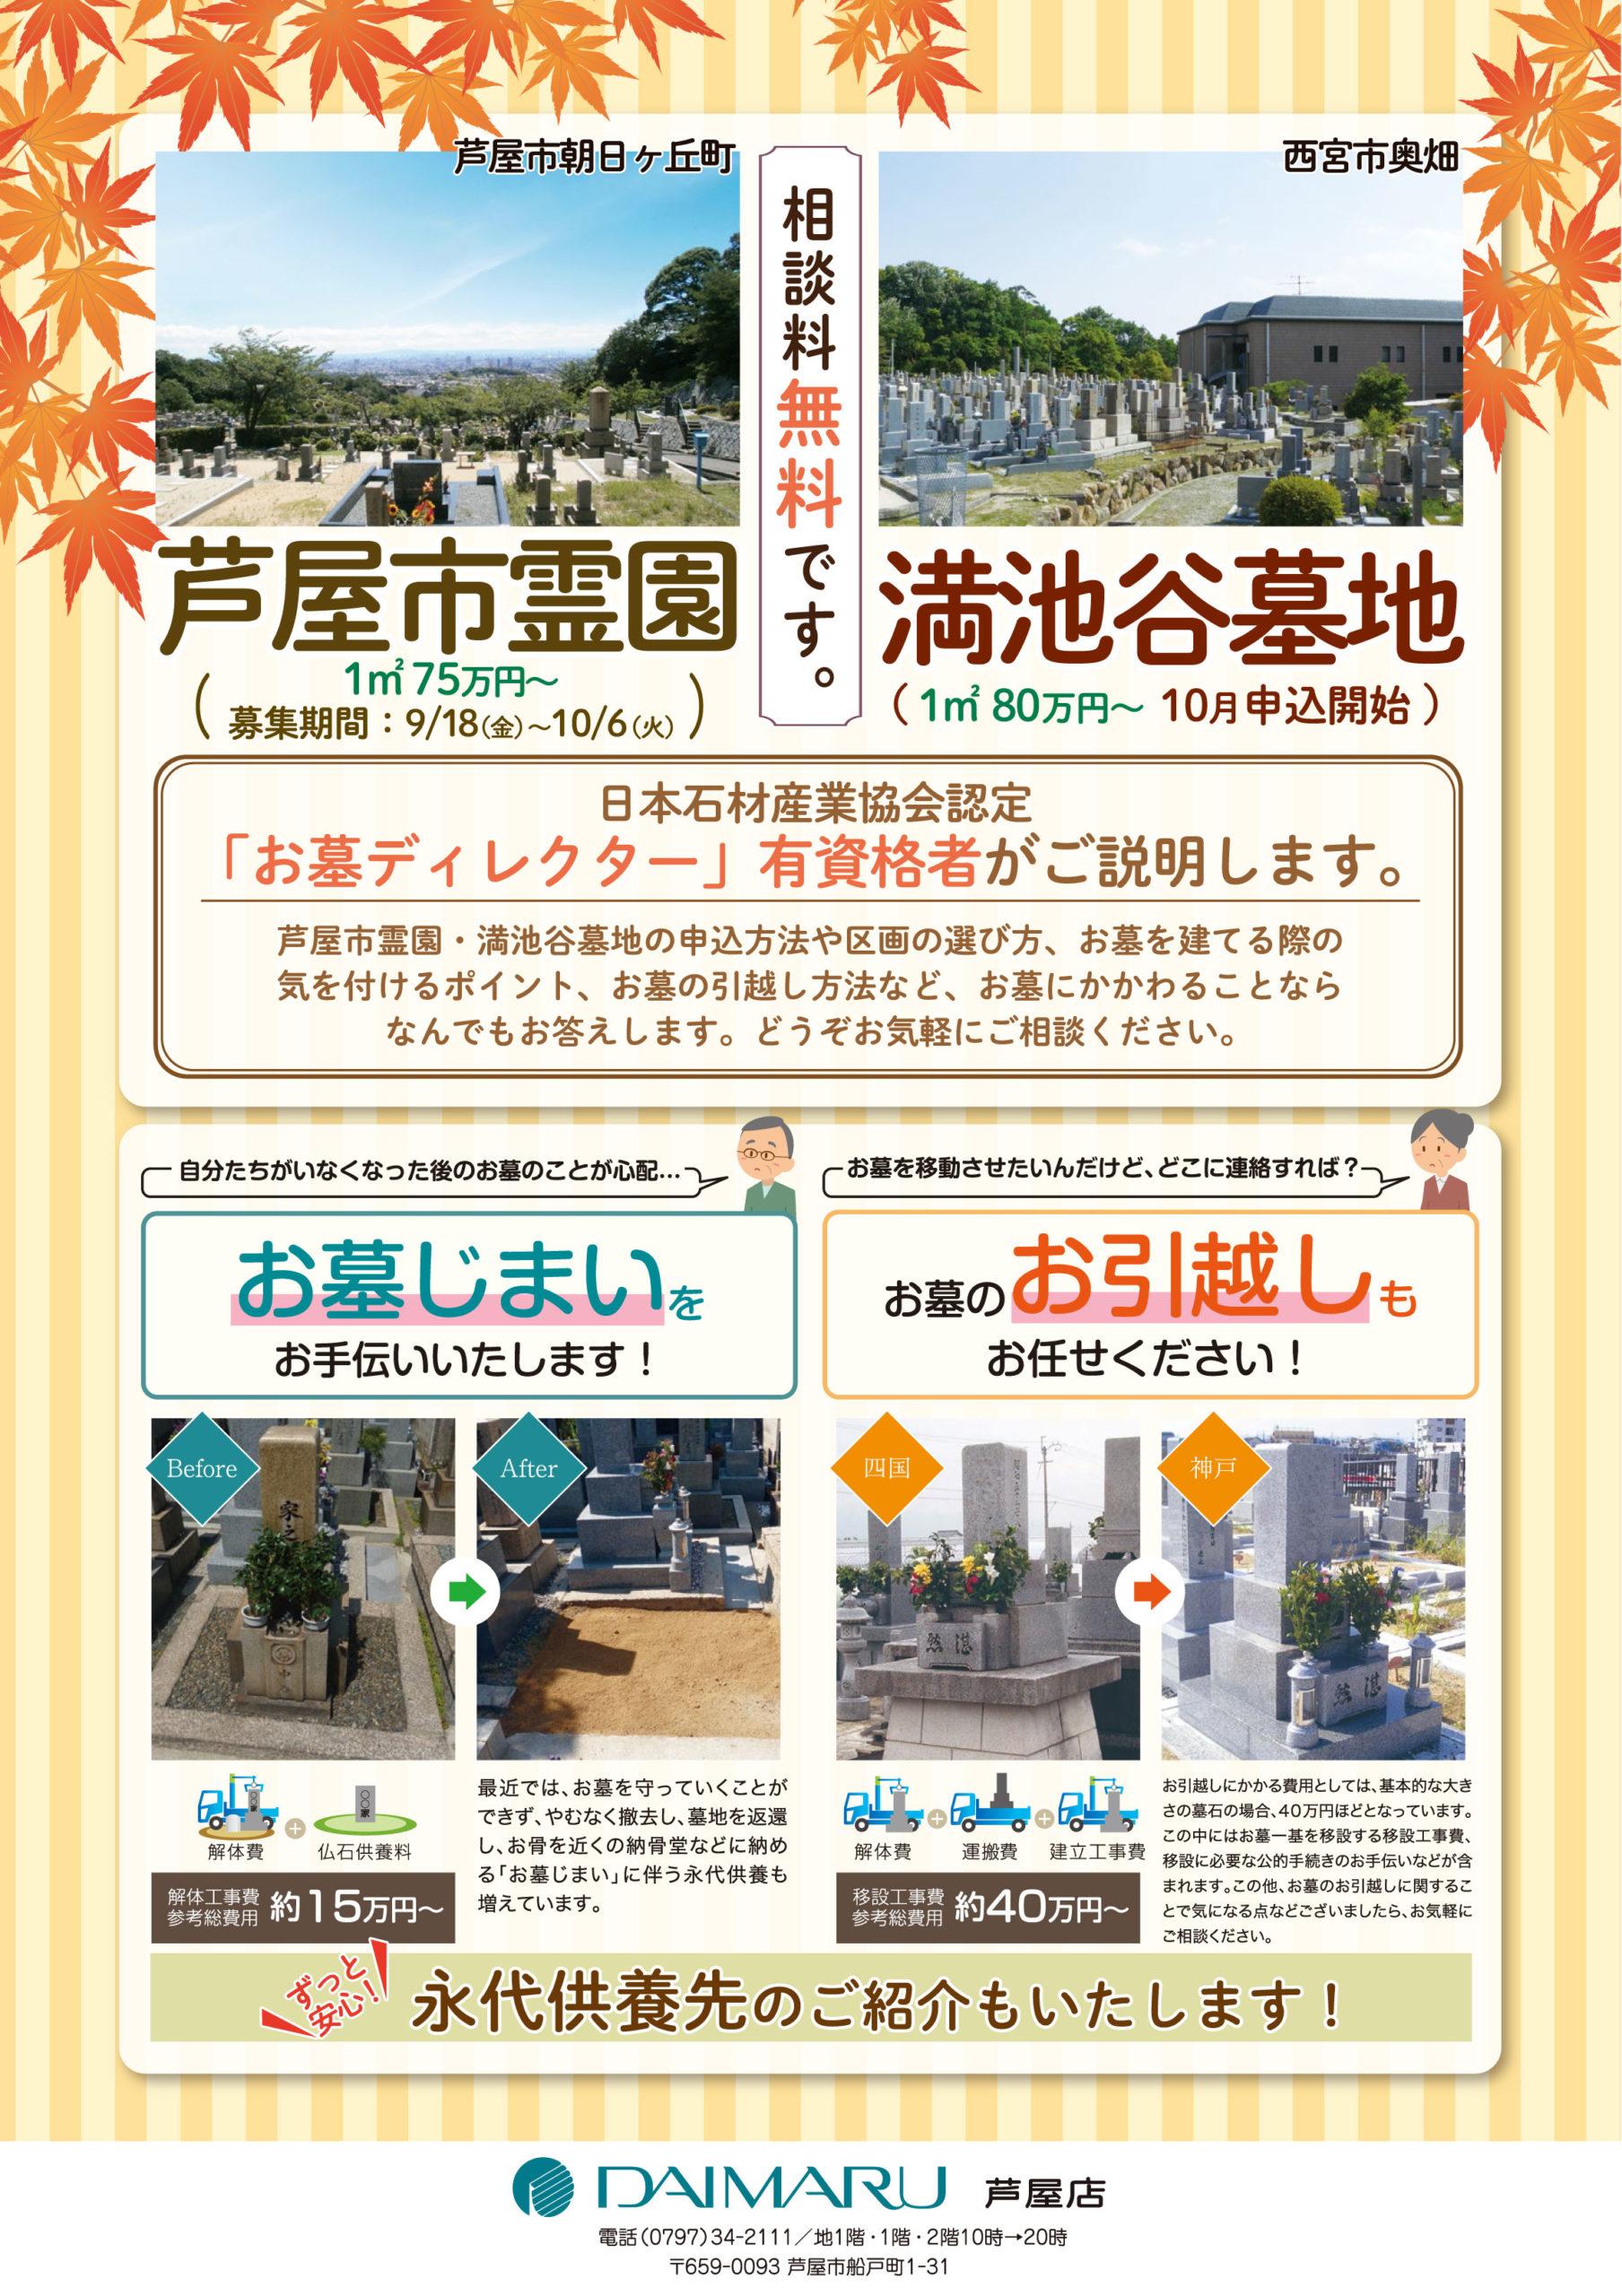 お墓の相談会 大丸芦屋店にて9/9~9/15開催します